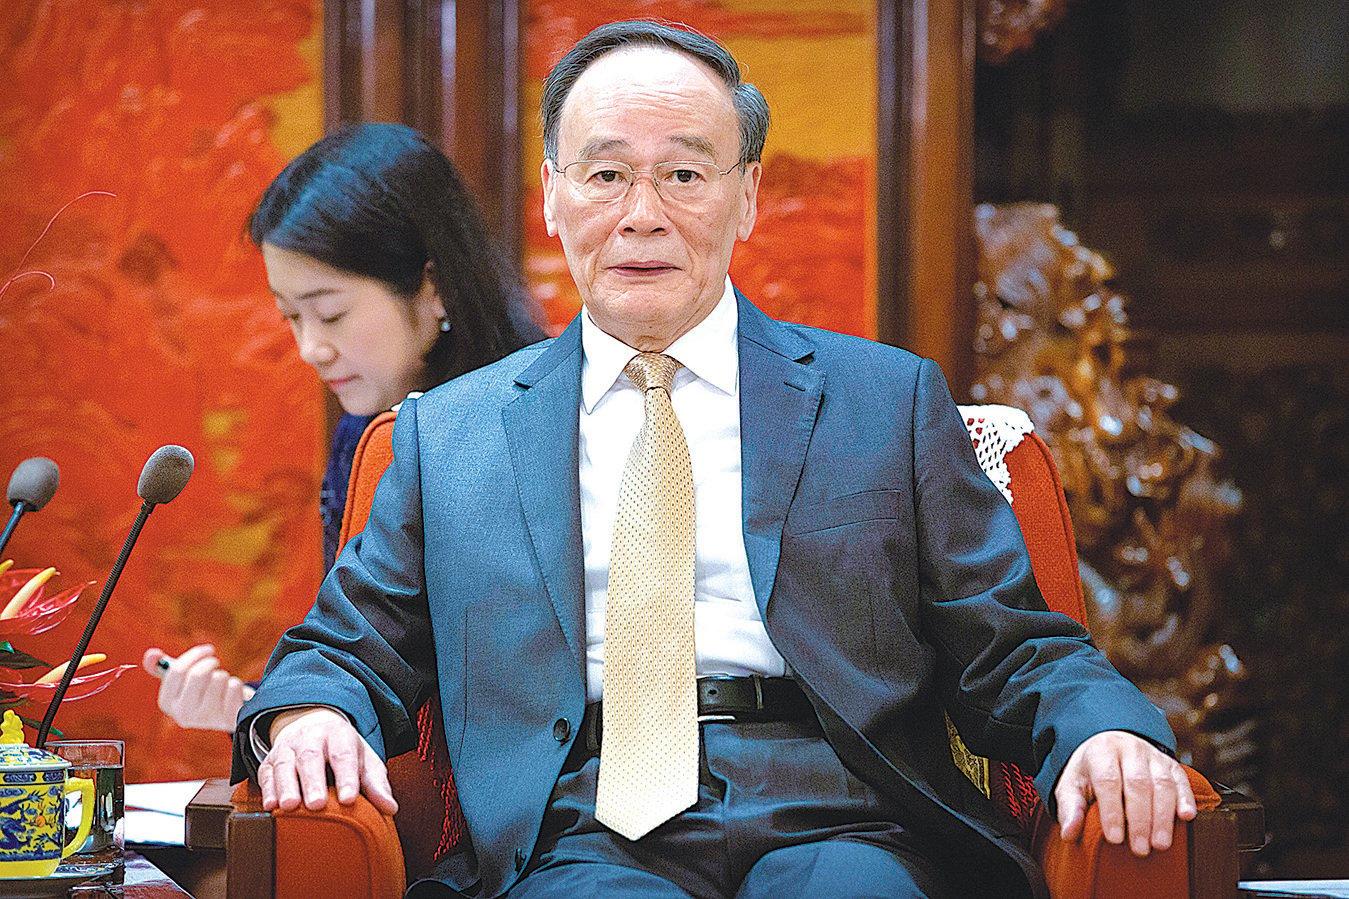 香港「反送中」衝擊中共獨裁統治根基,外界認為近期到廣東「調研」的王岐山再次扮演中共「滅火隊長」的角色。(AFP)